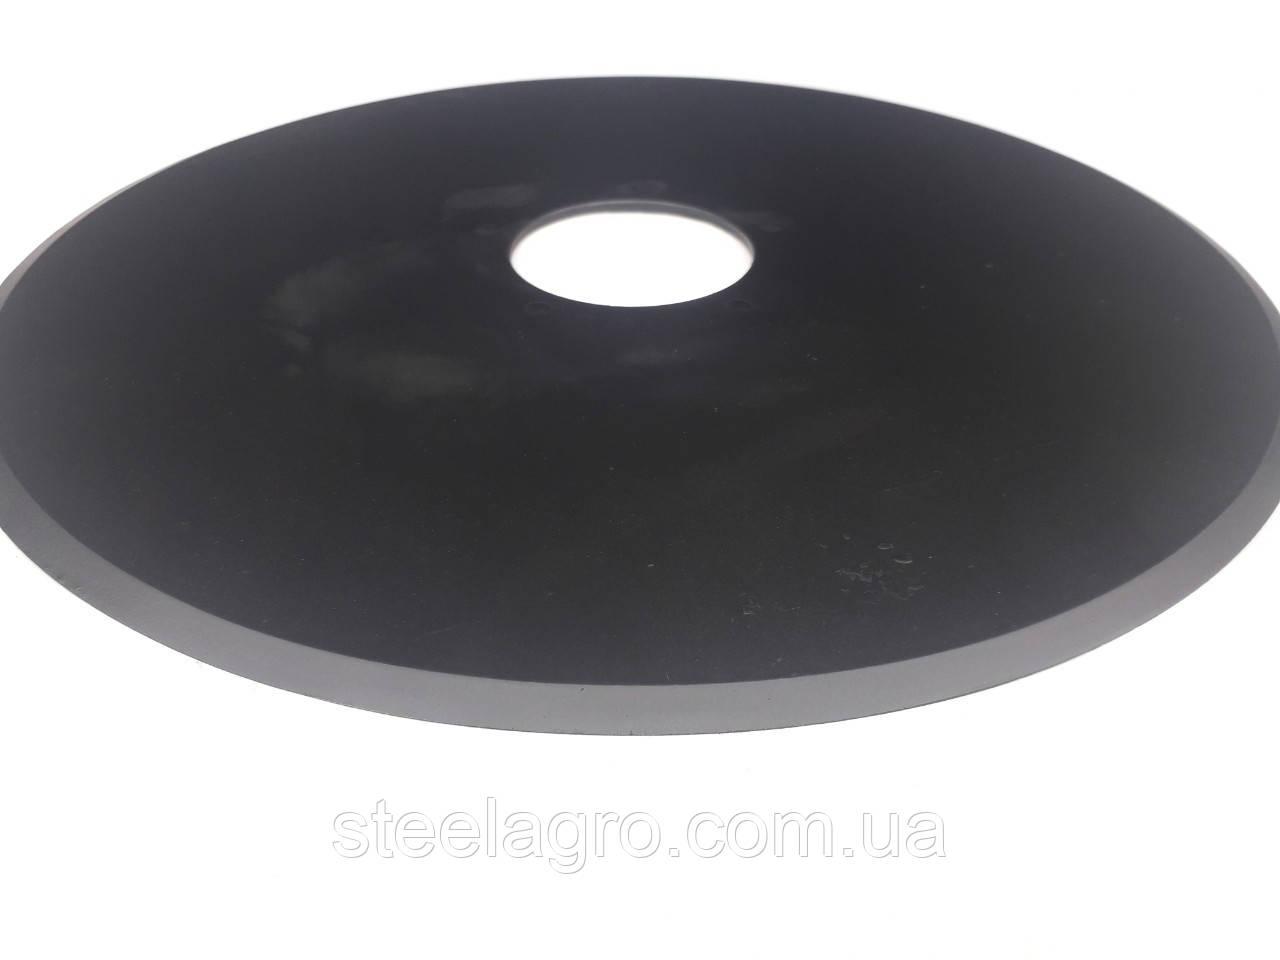 Диск сошника сівалки Ремсинтез СЗ-3.6 /СРЗ-4 / СРЗ-5.4 350х3мм, 5отв.ɸ7мм ст65г, ст30-34Mnb5